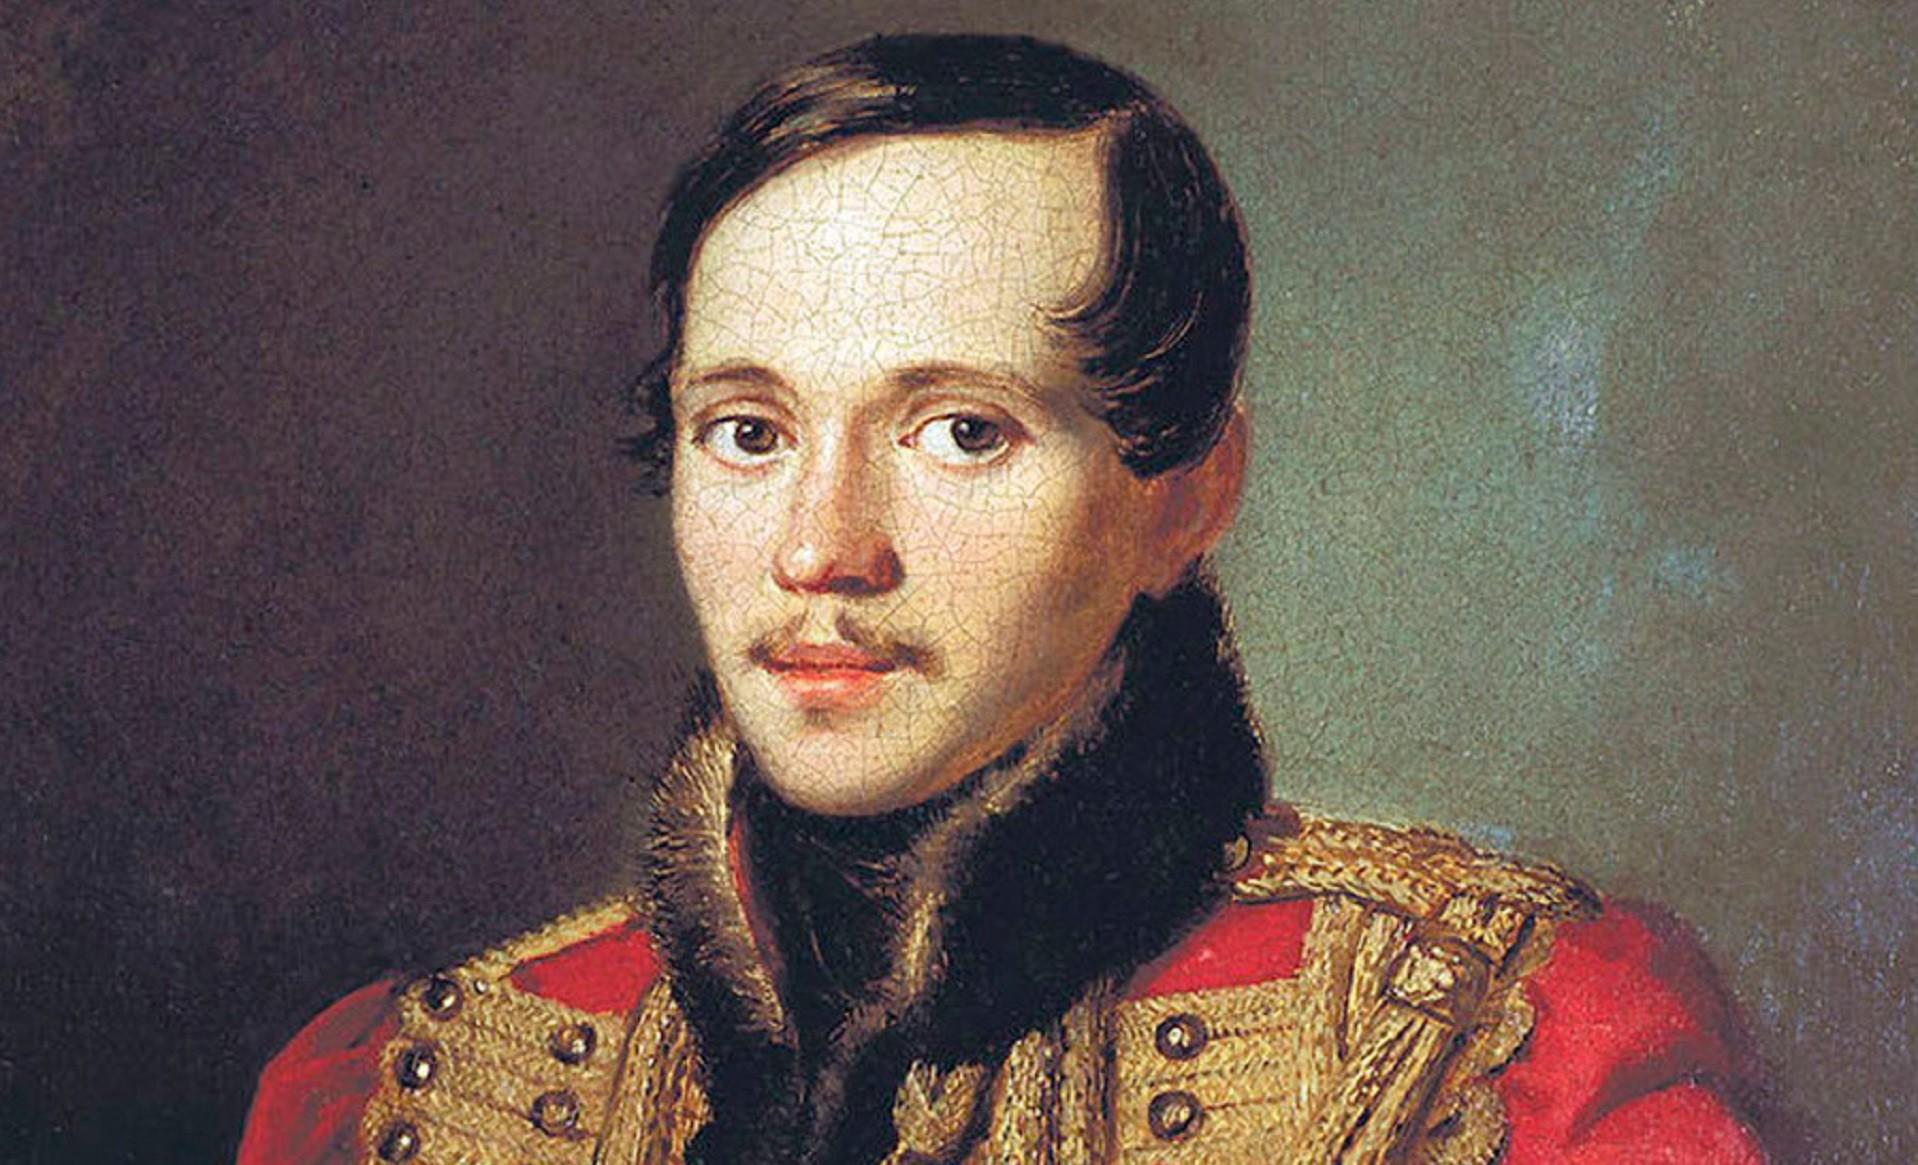 Lérmontov retratado por Piotr Zabolótski.